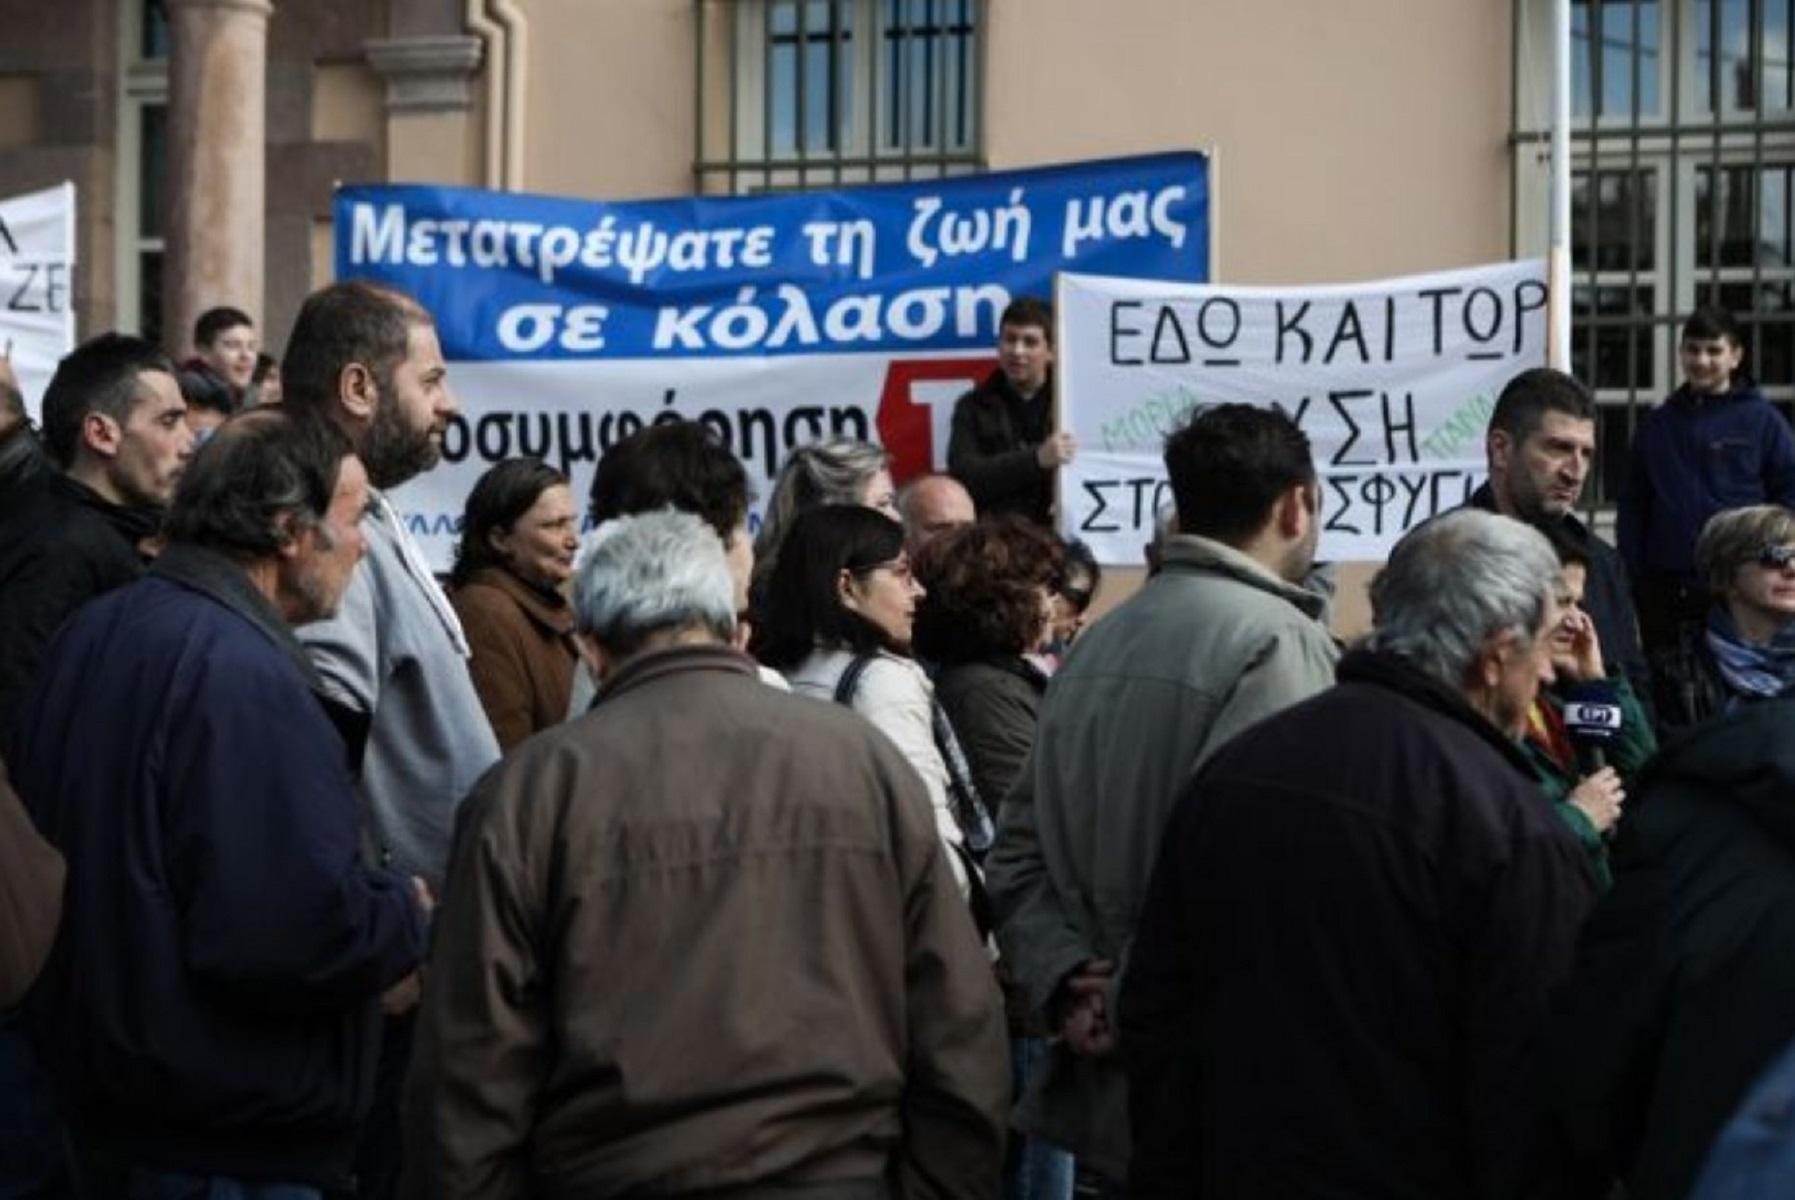 Ανακοίνωση ΜΕΚΕΑ: Το μεταναστευτικό πρόβλημα γεννήθηκε από την παγκοσμιοποίηση και ανδρώθηκε μέσα στην ΕΕ